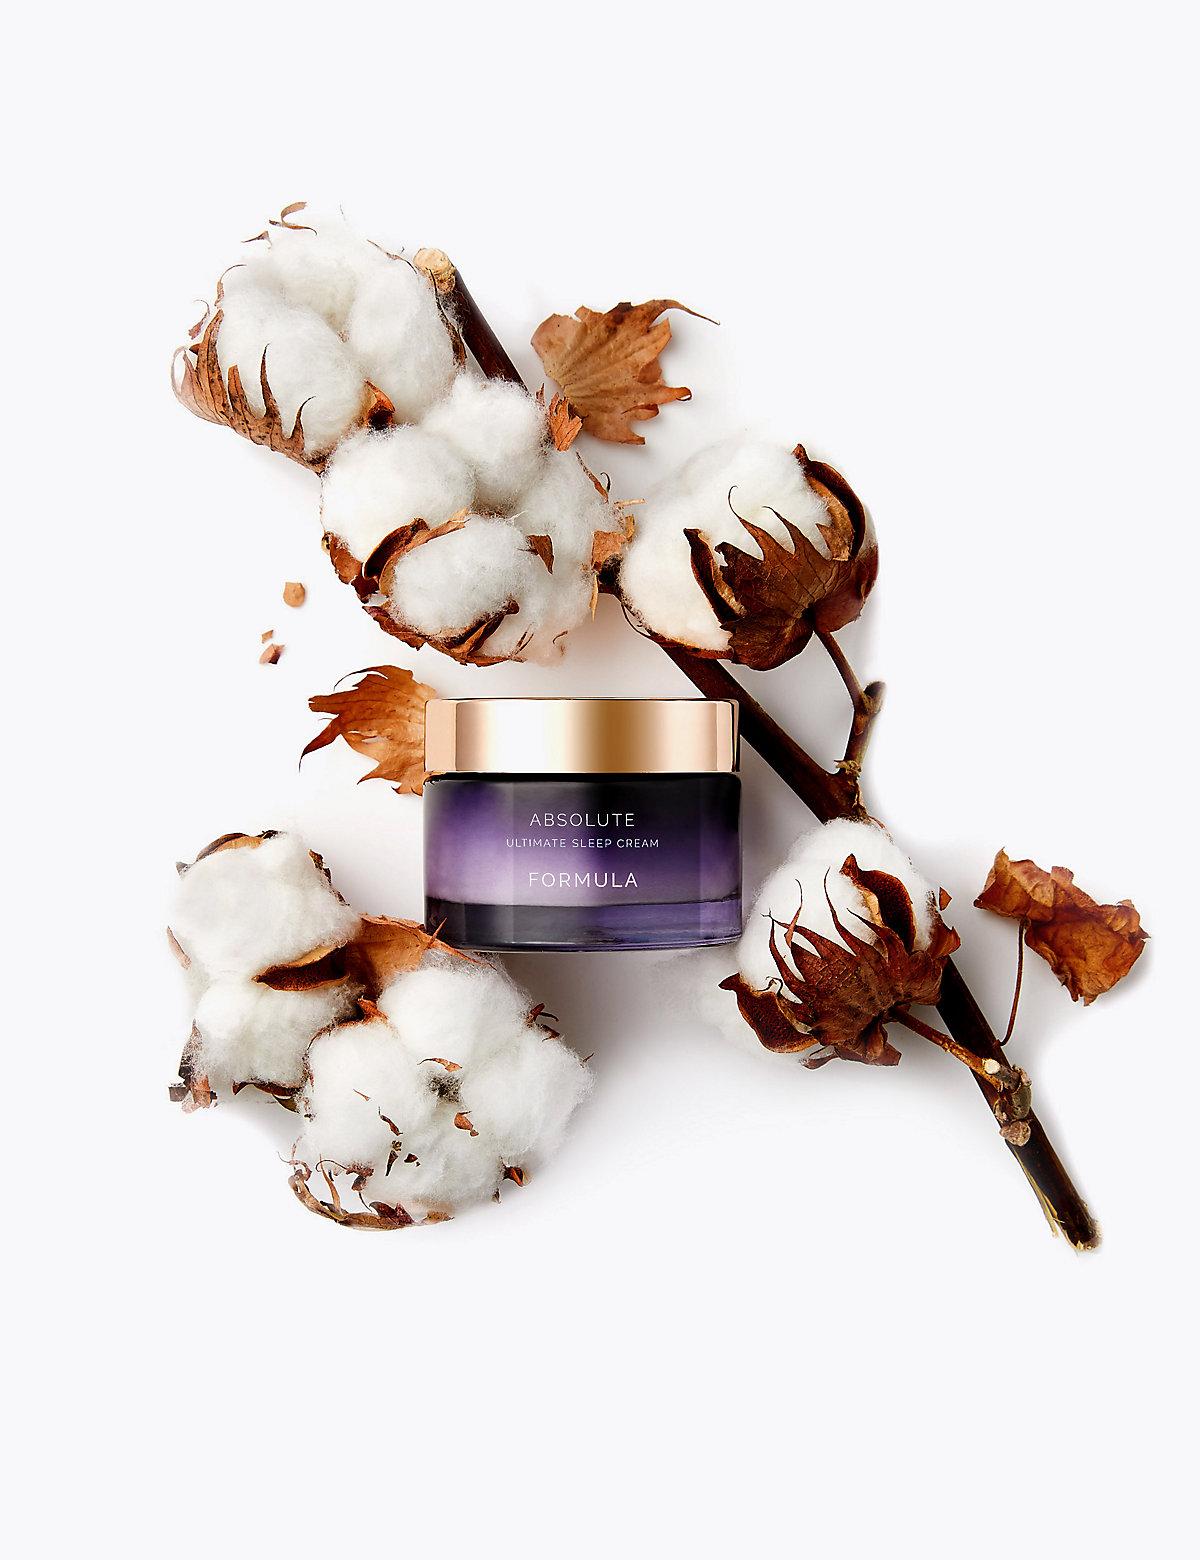 Formula Absolute Ultimate Sleep Cream 50ml